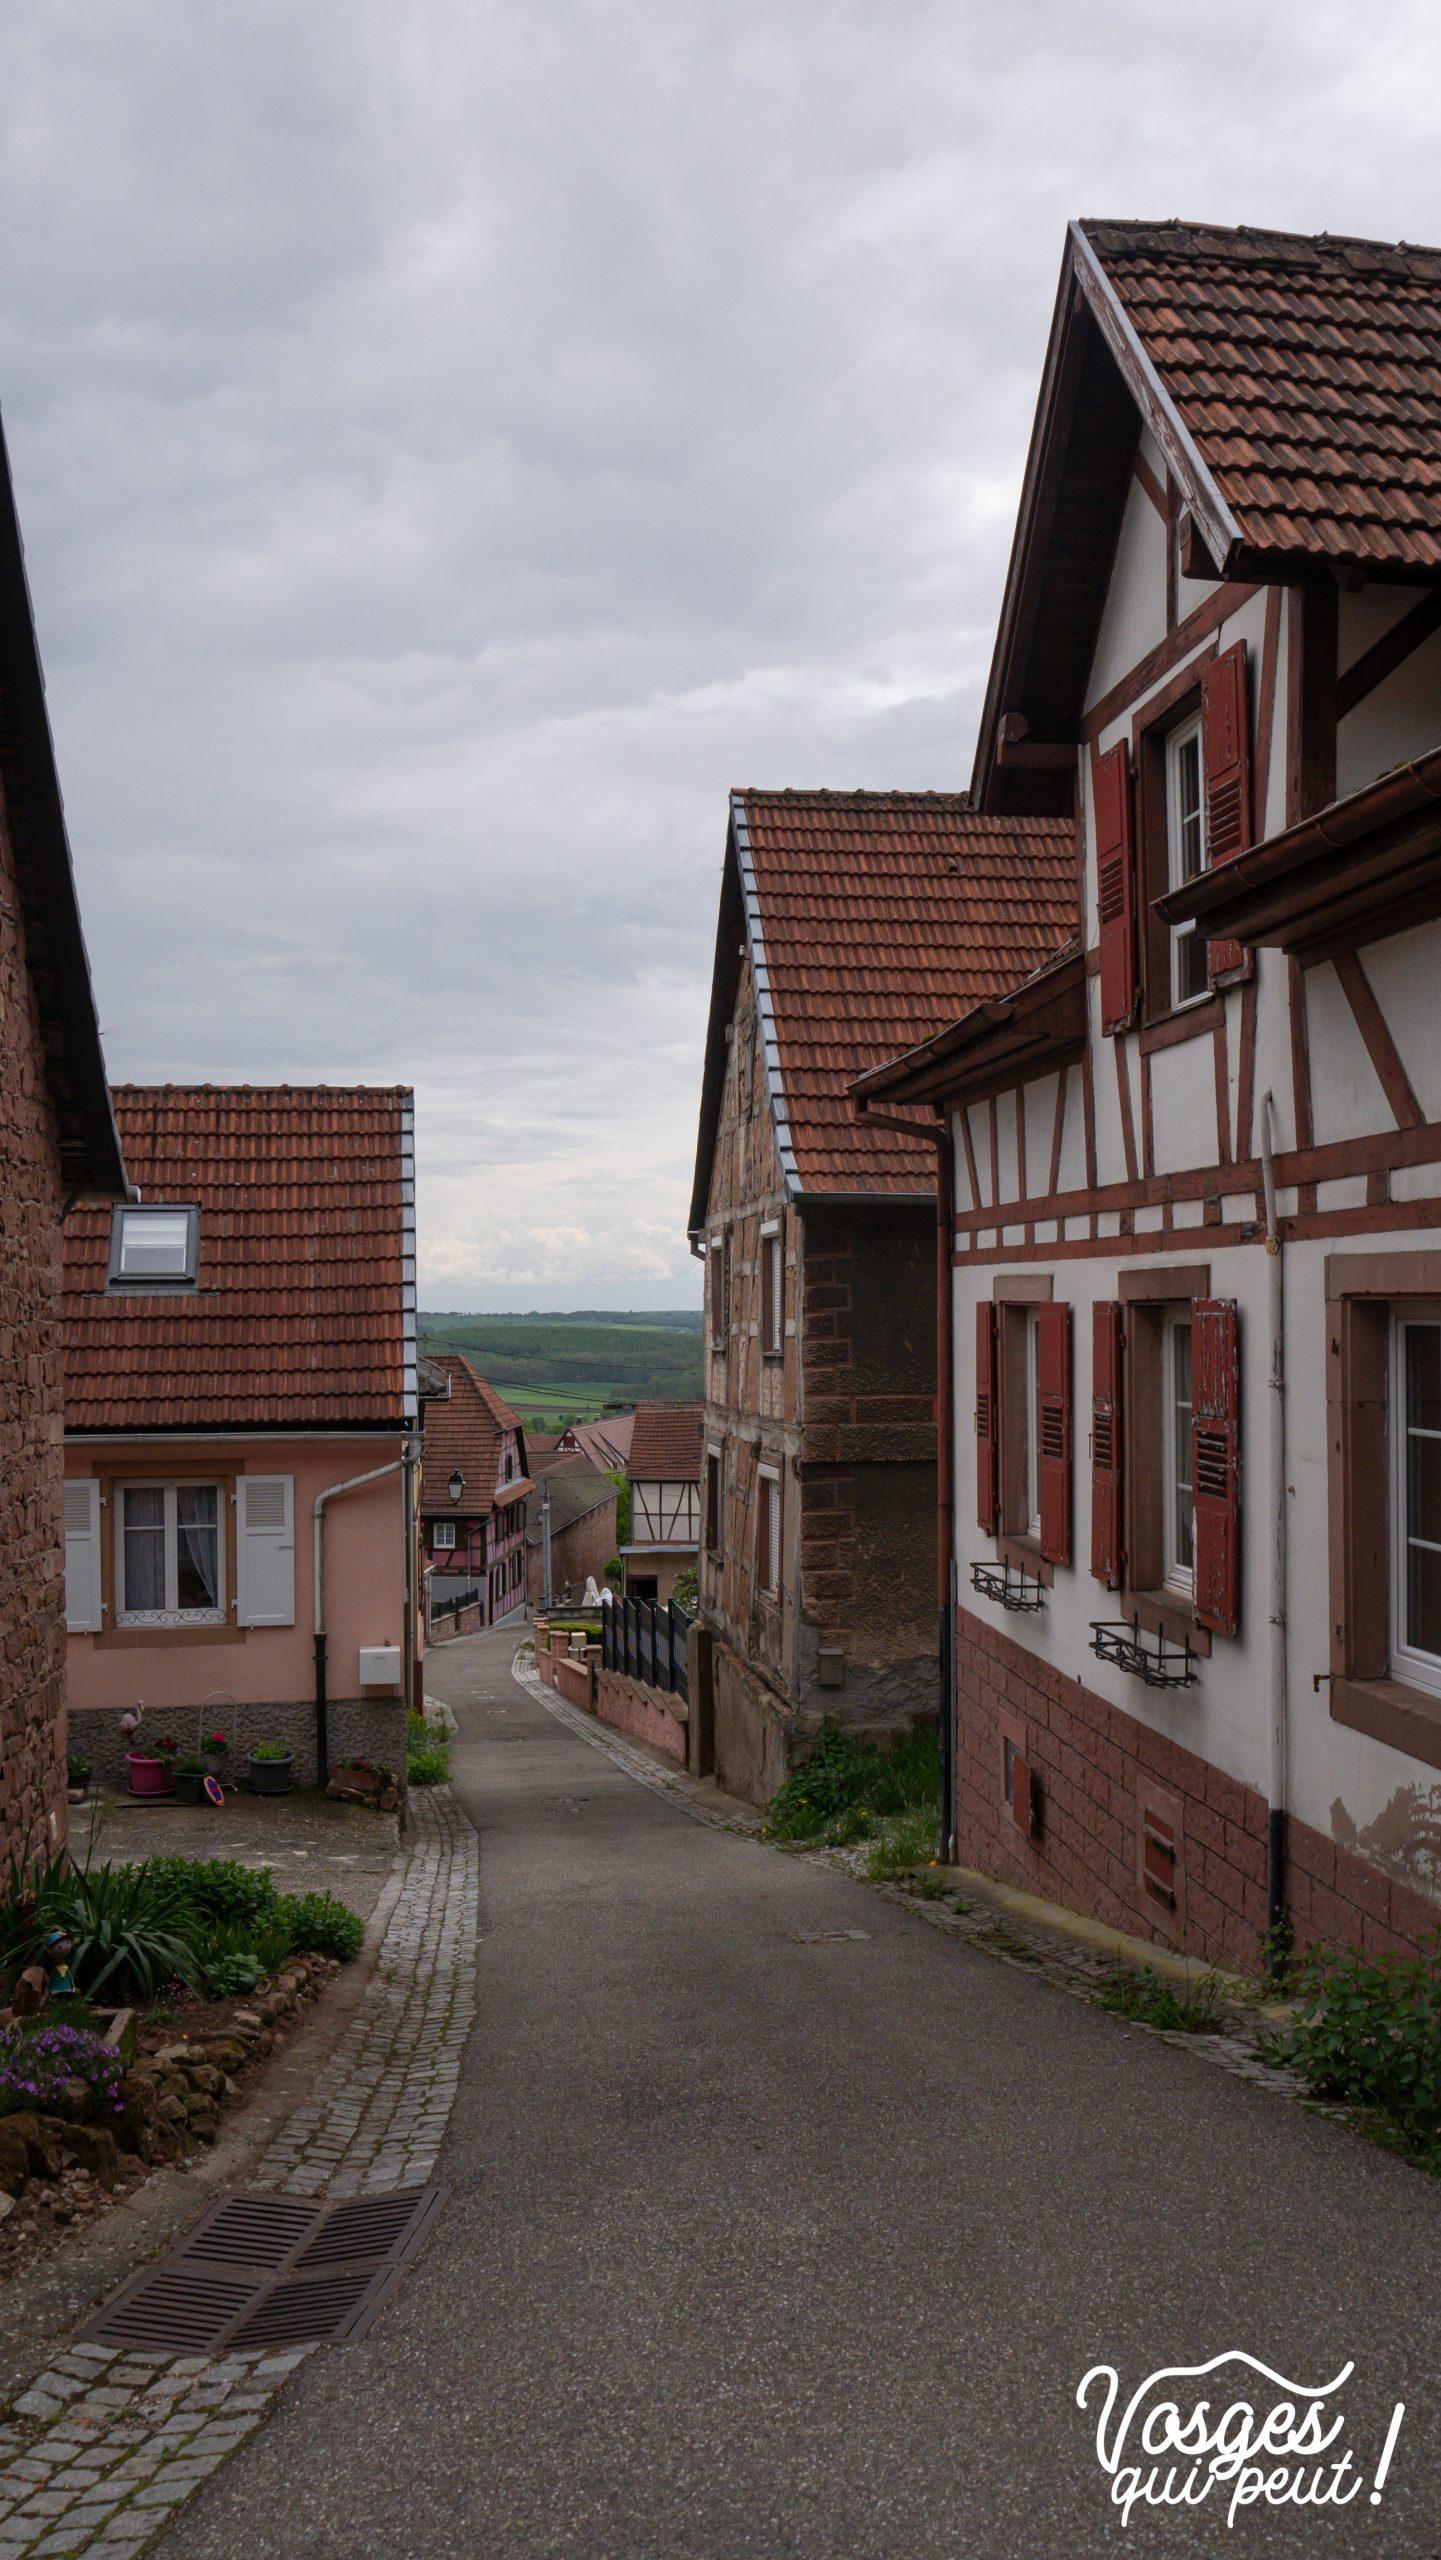 Le village d'Oberbronn dans les Vosges du Nord